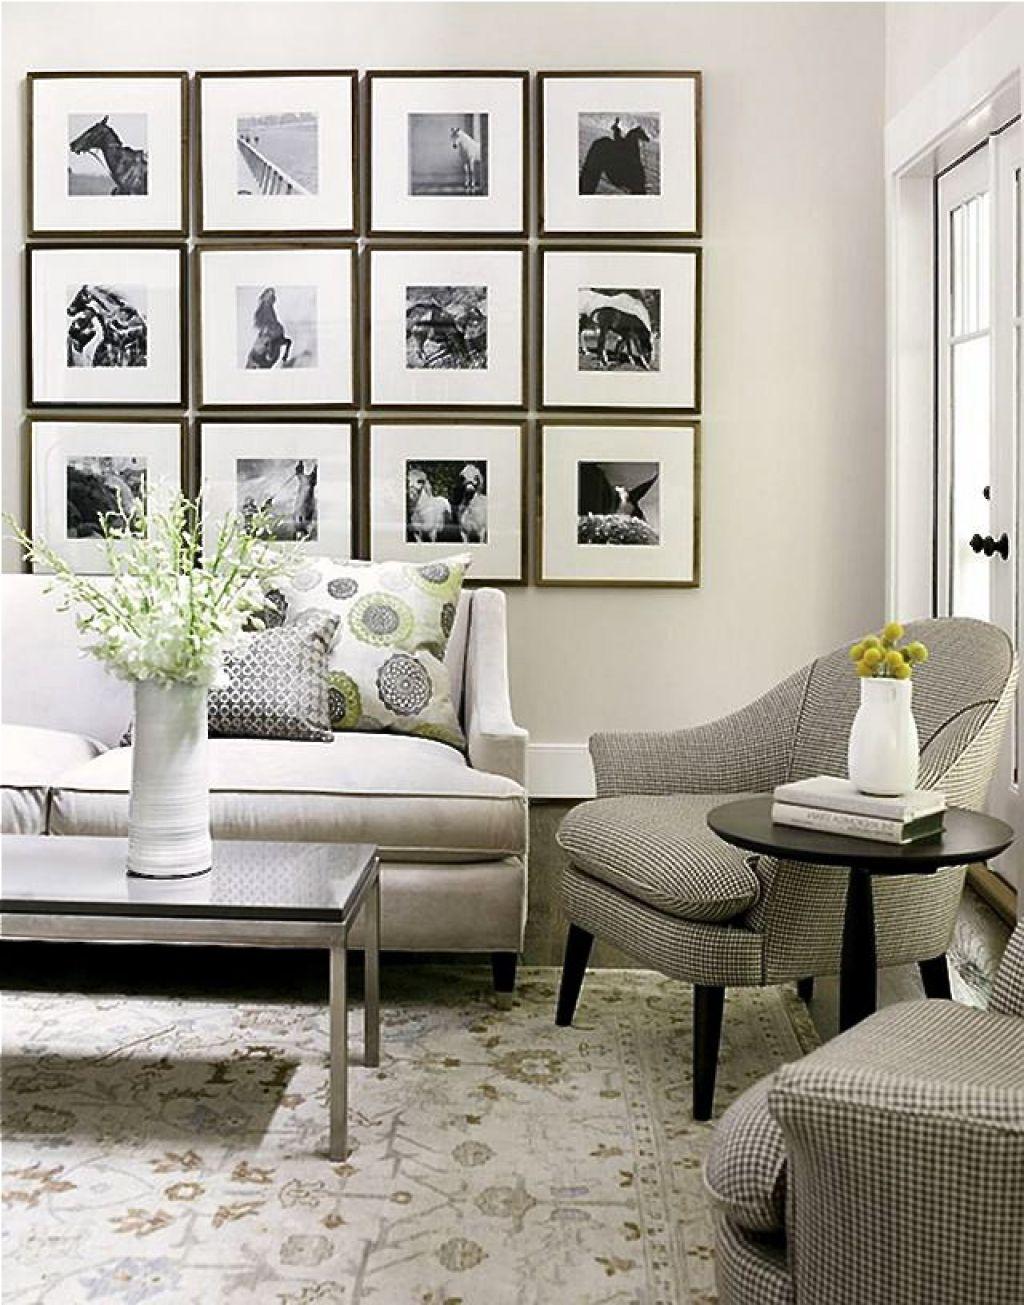 aranjament de rame foto pentru perete pentru decorarea livingului